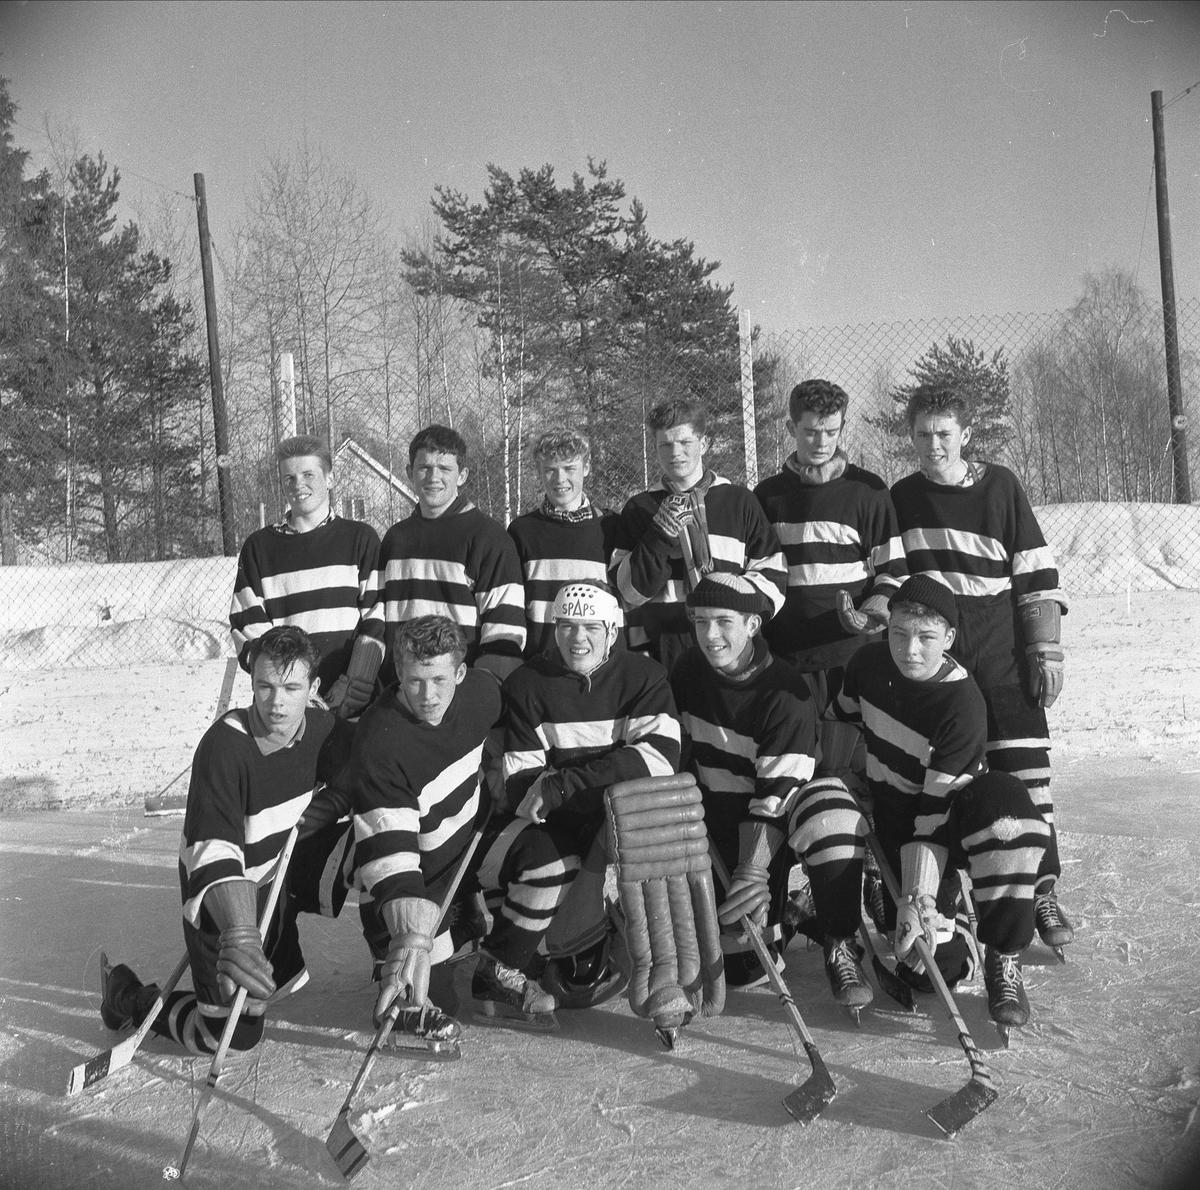 STORHAMAR, ISHOCKEYSPILLERE, UTENDØRSBANE, VINTERIDRETT. LAGBILDE, GRUPPE 11 UKJENTE. HAMAR KATEDRALSKOLES SEIRENDE LAG I ISHOCKEYTURNERINGEN 1959/1960. FØRSTE REKKE F. V. STEINAR JOHANSEN, JAN SINDRE LARSEN, JON OLAV LARSEN, JAN ÅGE MATHISEN, HELGE AARFLOT. BAKERST F. V. SVEN OLE FLENSBORG, PER BØE BEKKEVOLD, KJELL HÅKONSEN, EDGAR MALMANN, TERJE KRISTIANSEN, ERIK GRIMSRUD. SE BOKA PÅ ET HUNDNREDELS SEKUND, LØTEN OG OMEGN 19571964 I ORD OG BILDERAV HELGE REISTAD S. 133.